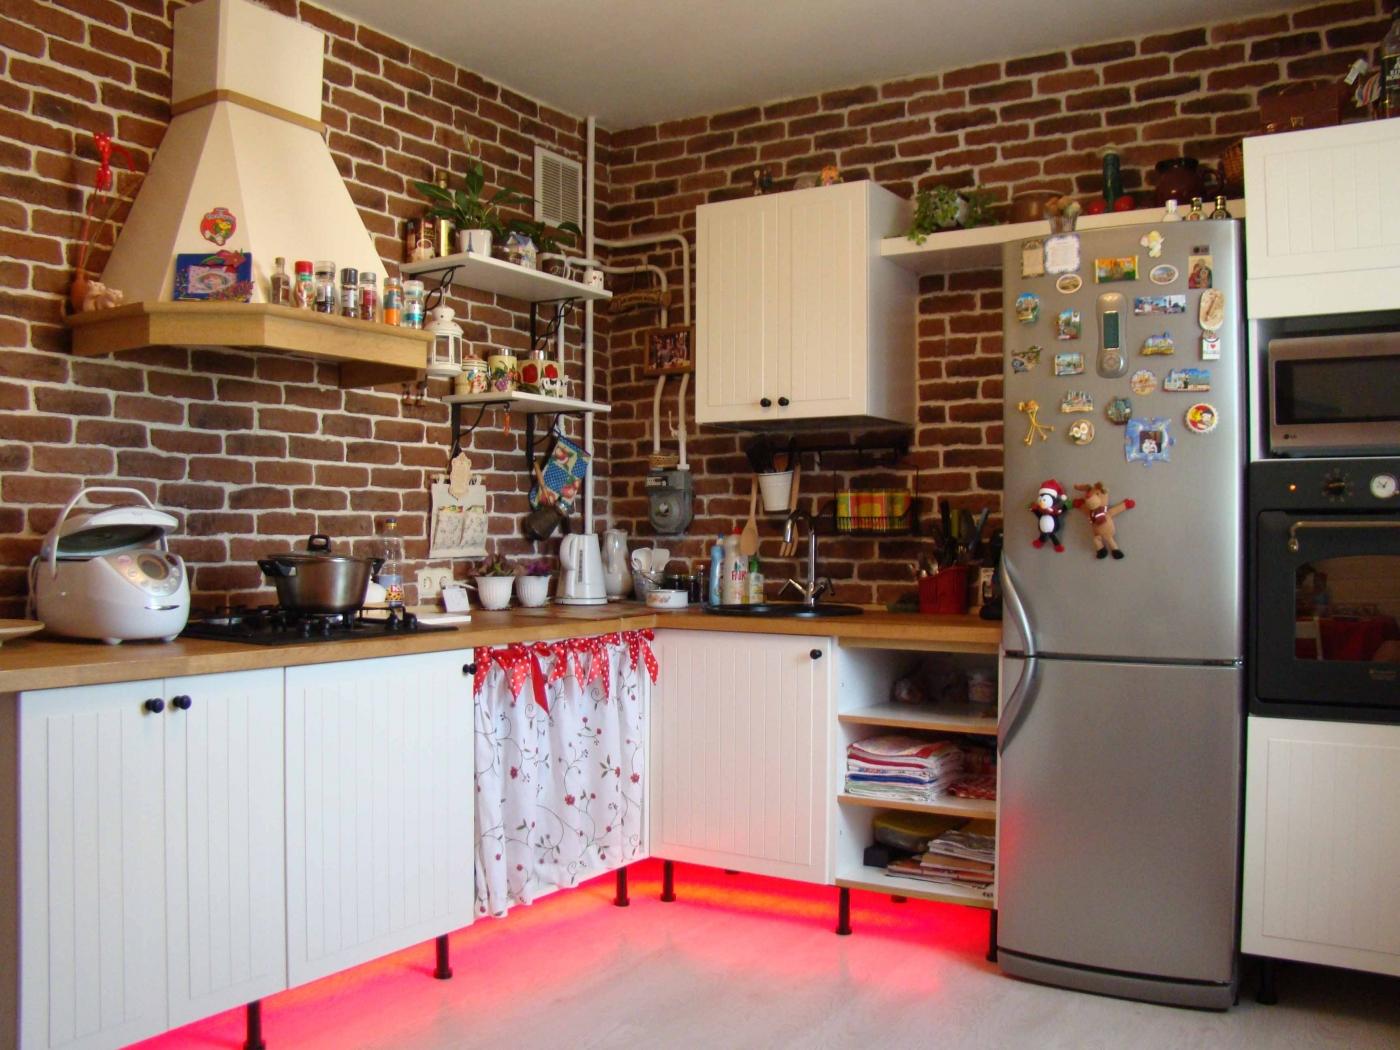 Кирпичные стены и бело-коричневый гарнитур на кухне в стиле кантри